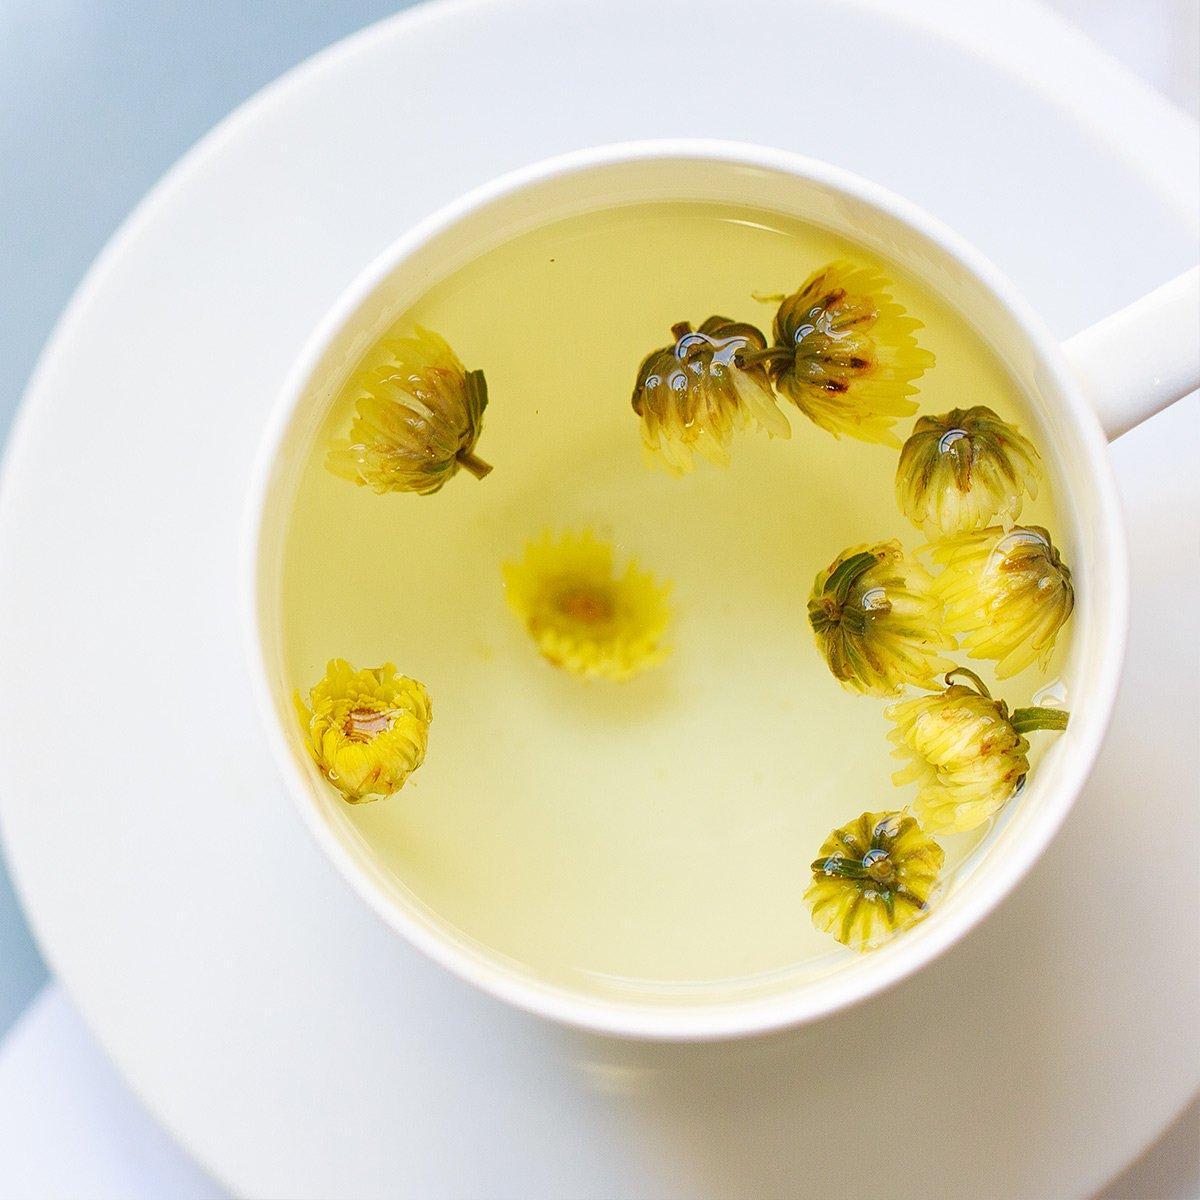 常喝菊花茶清肝明目,医生提醒:喝菊花茶要注意这3点